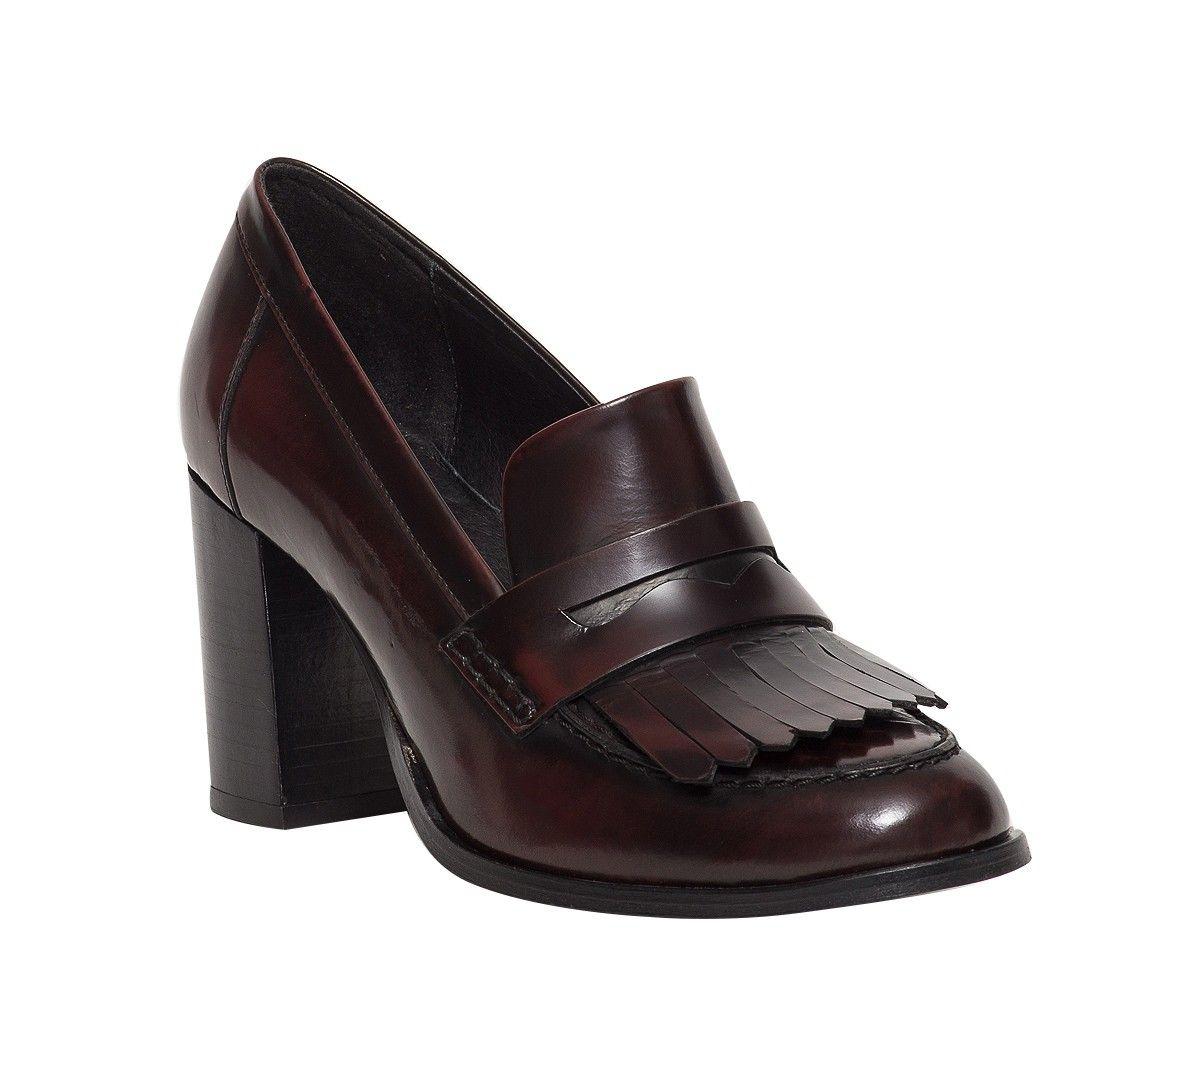 Chaussures. Mocassin talon patte frangée bordeaux ERAM Mocassins Talons, Mocassin  Femme, Les Talons Des Femmes 3c226b53d71